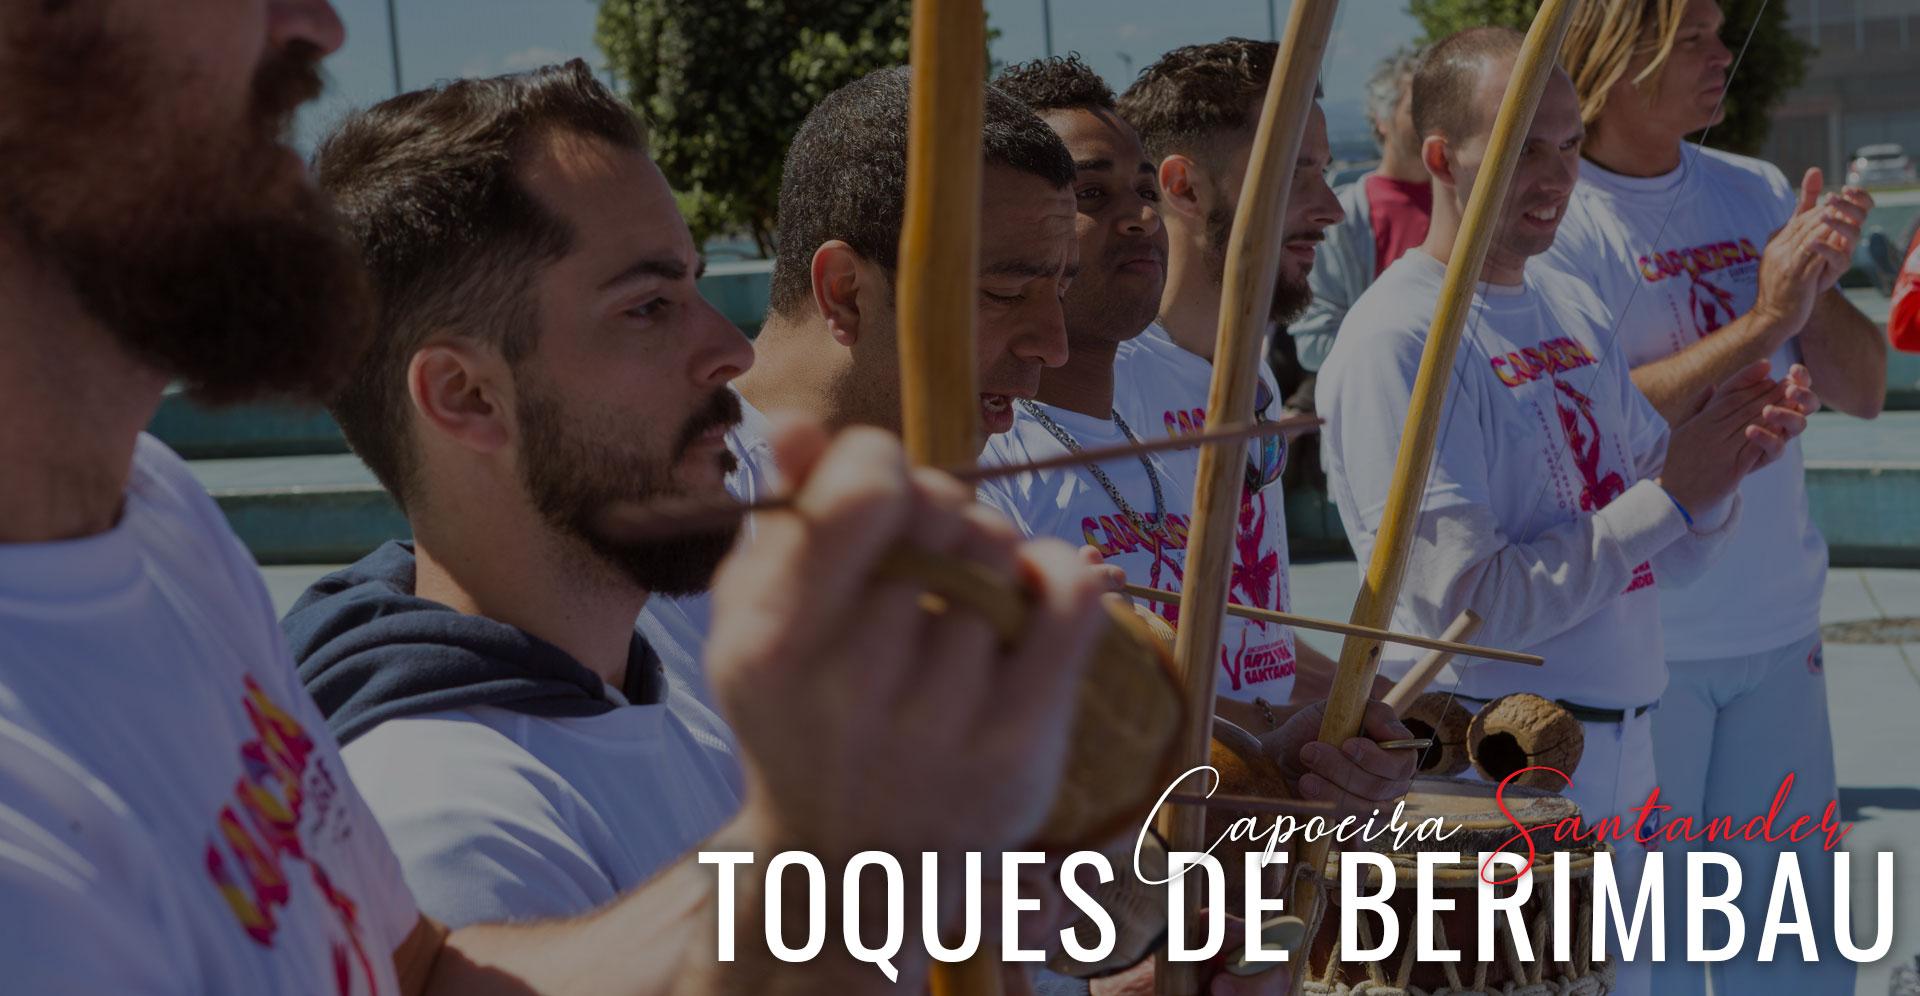 cabe-pc-toques-de-berimbau-capoeira-santander-clases-capoeira-cantabria-01